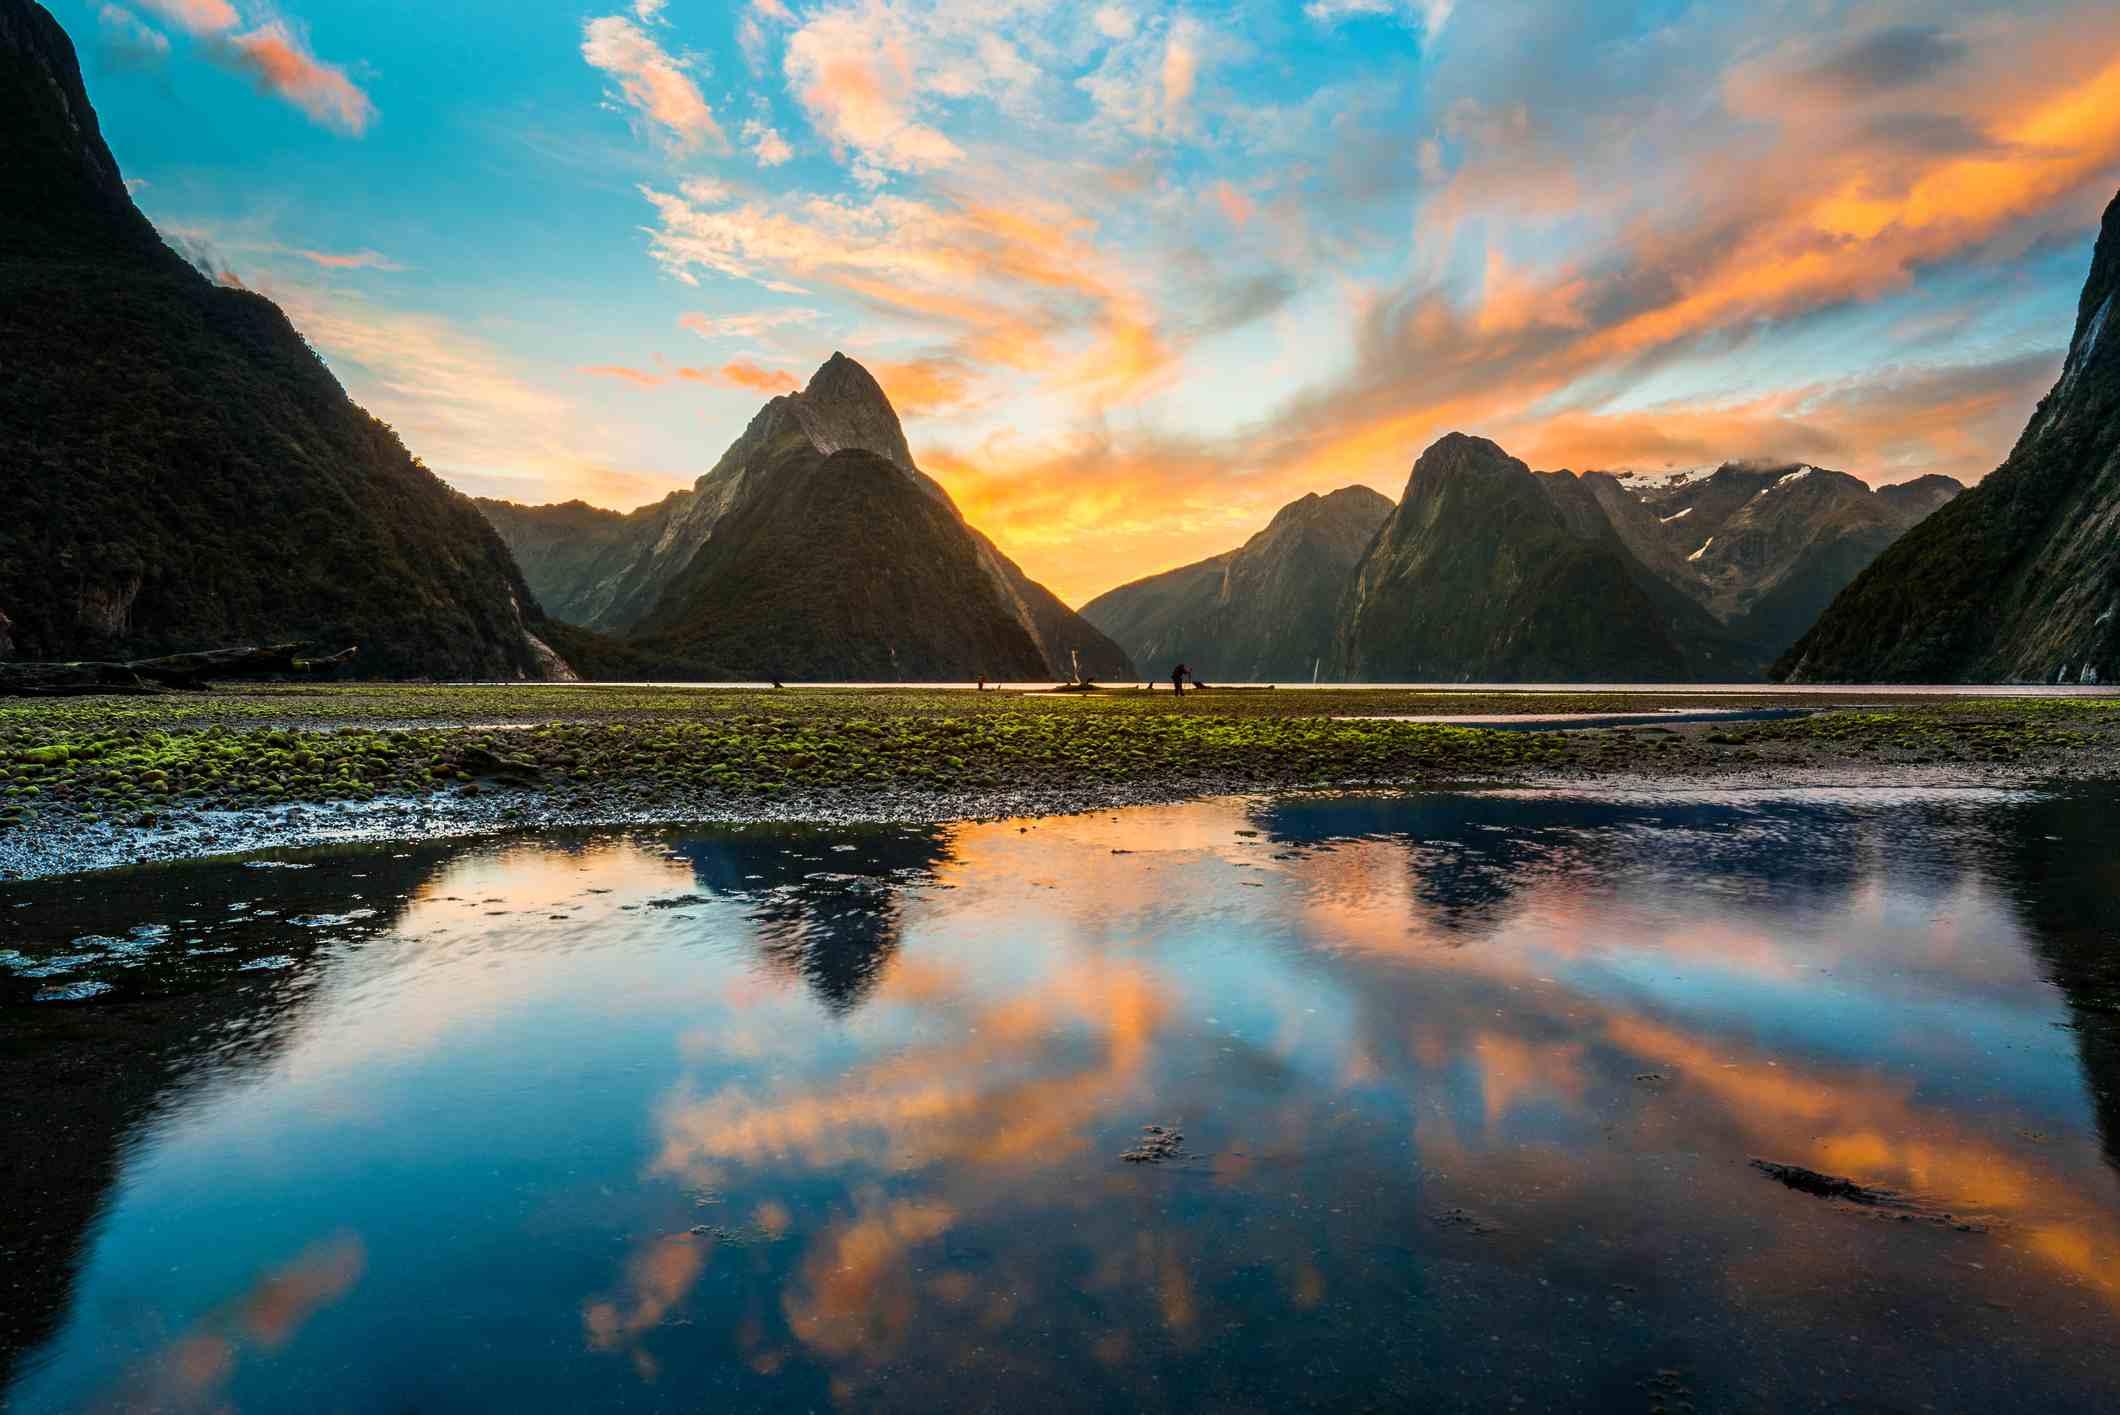 Twilight Milford sound, New Zealand